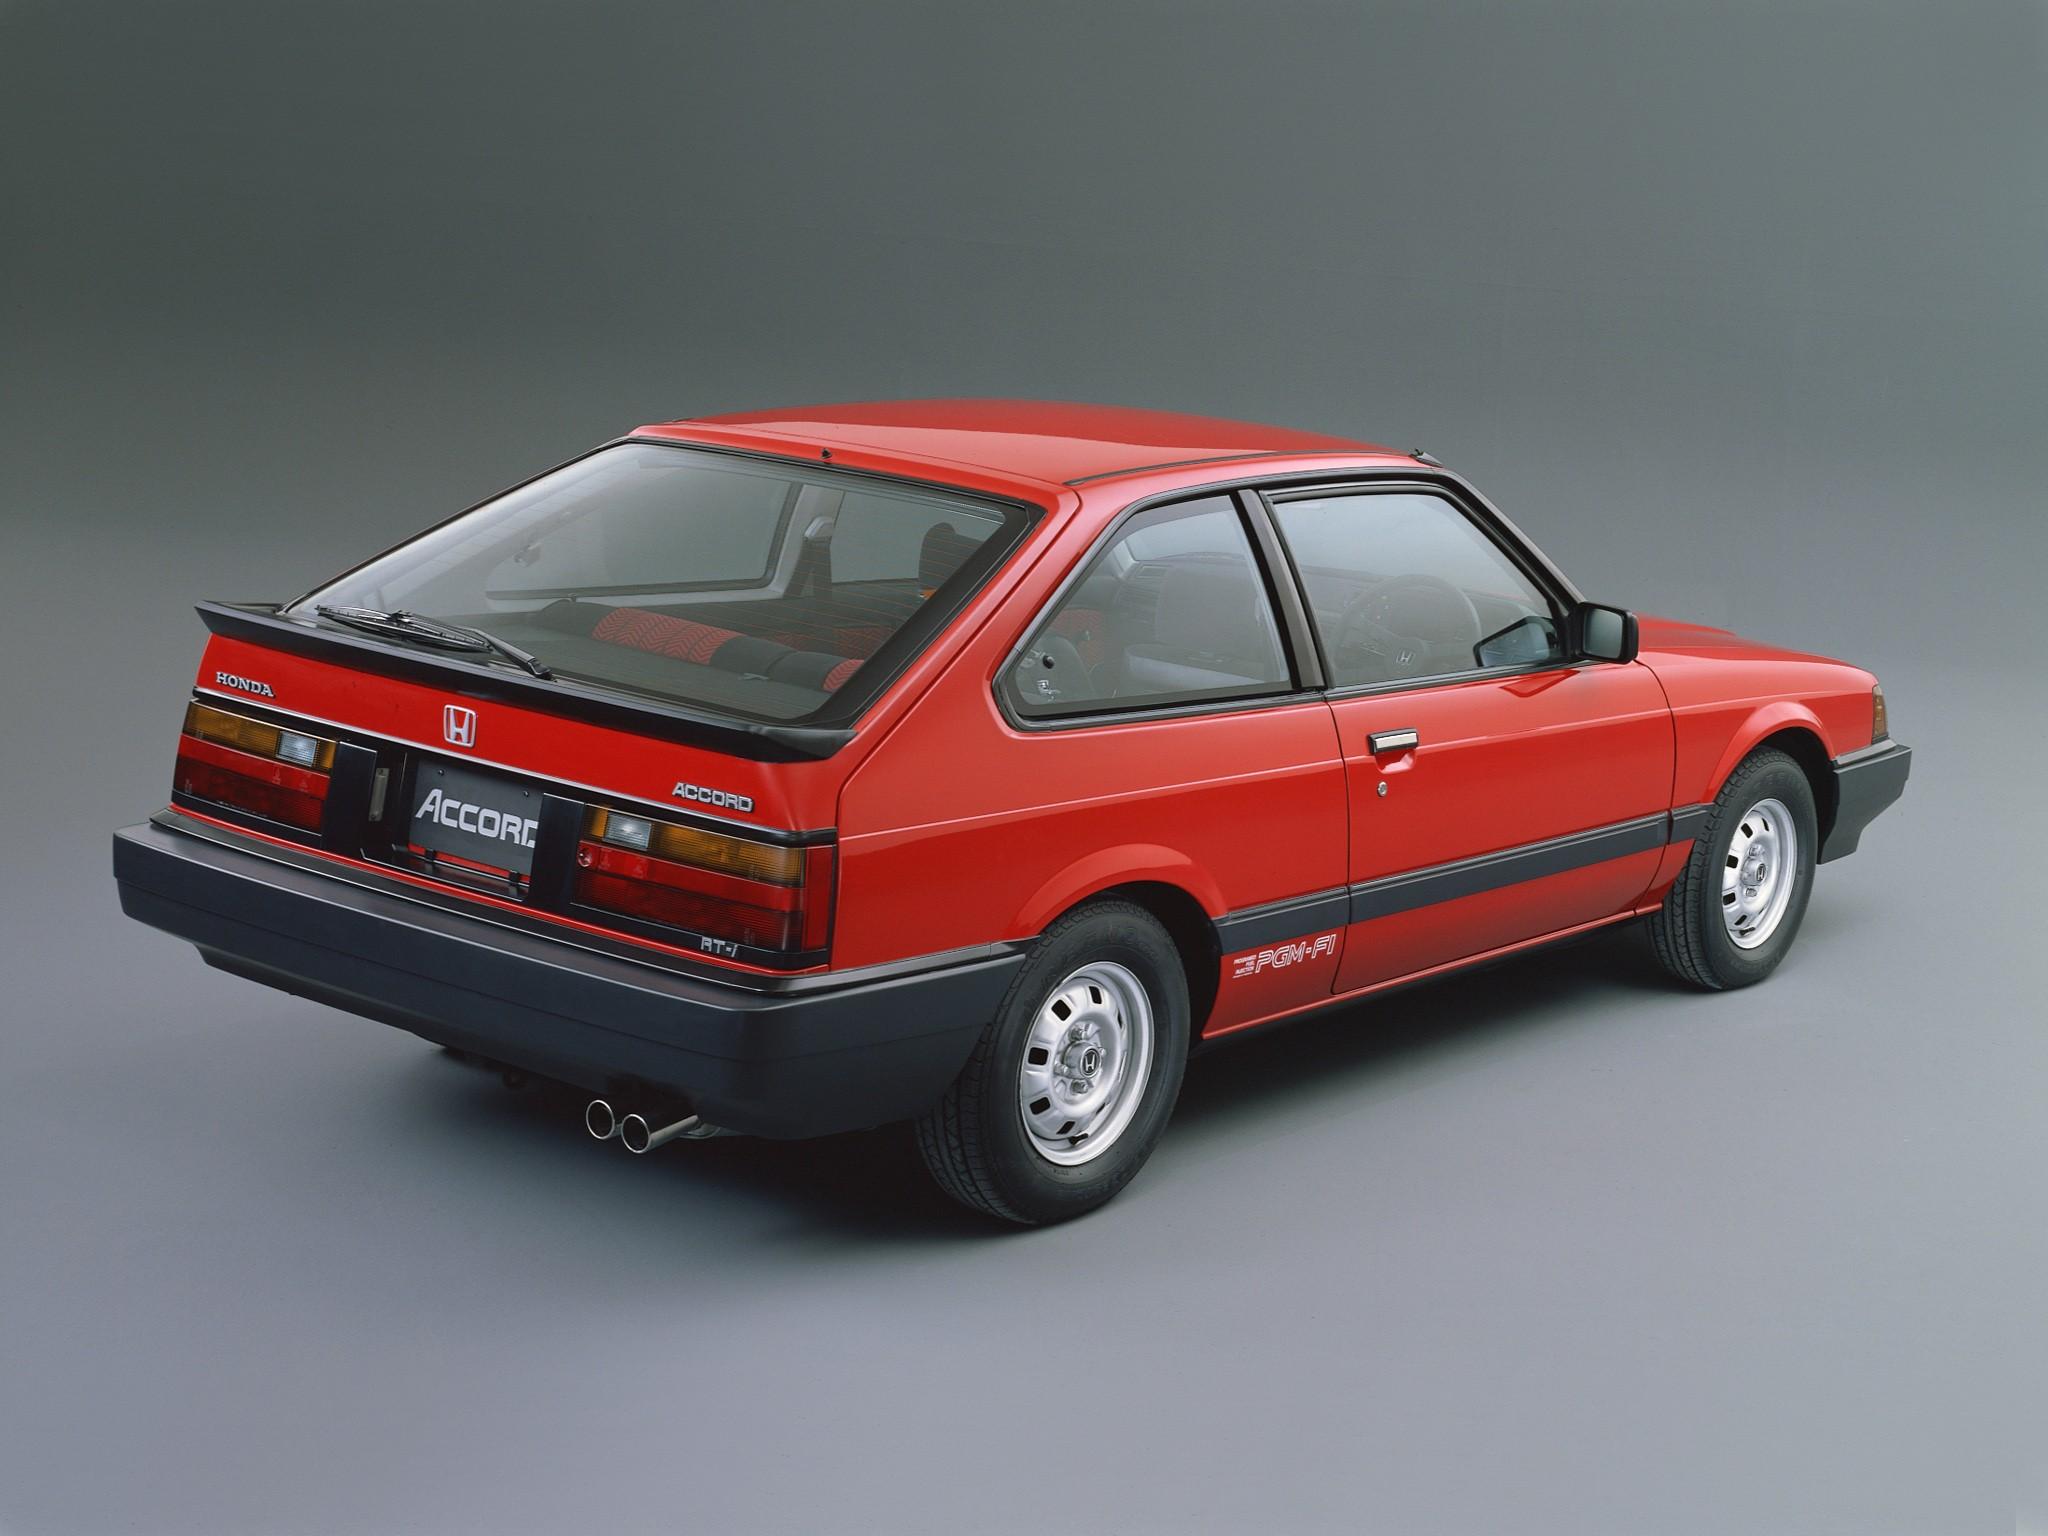 Honda Accord 3 Doors Specs 1981 1982 1983 1984 1985